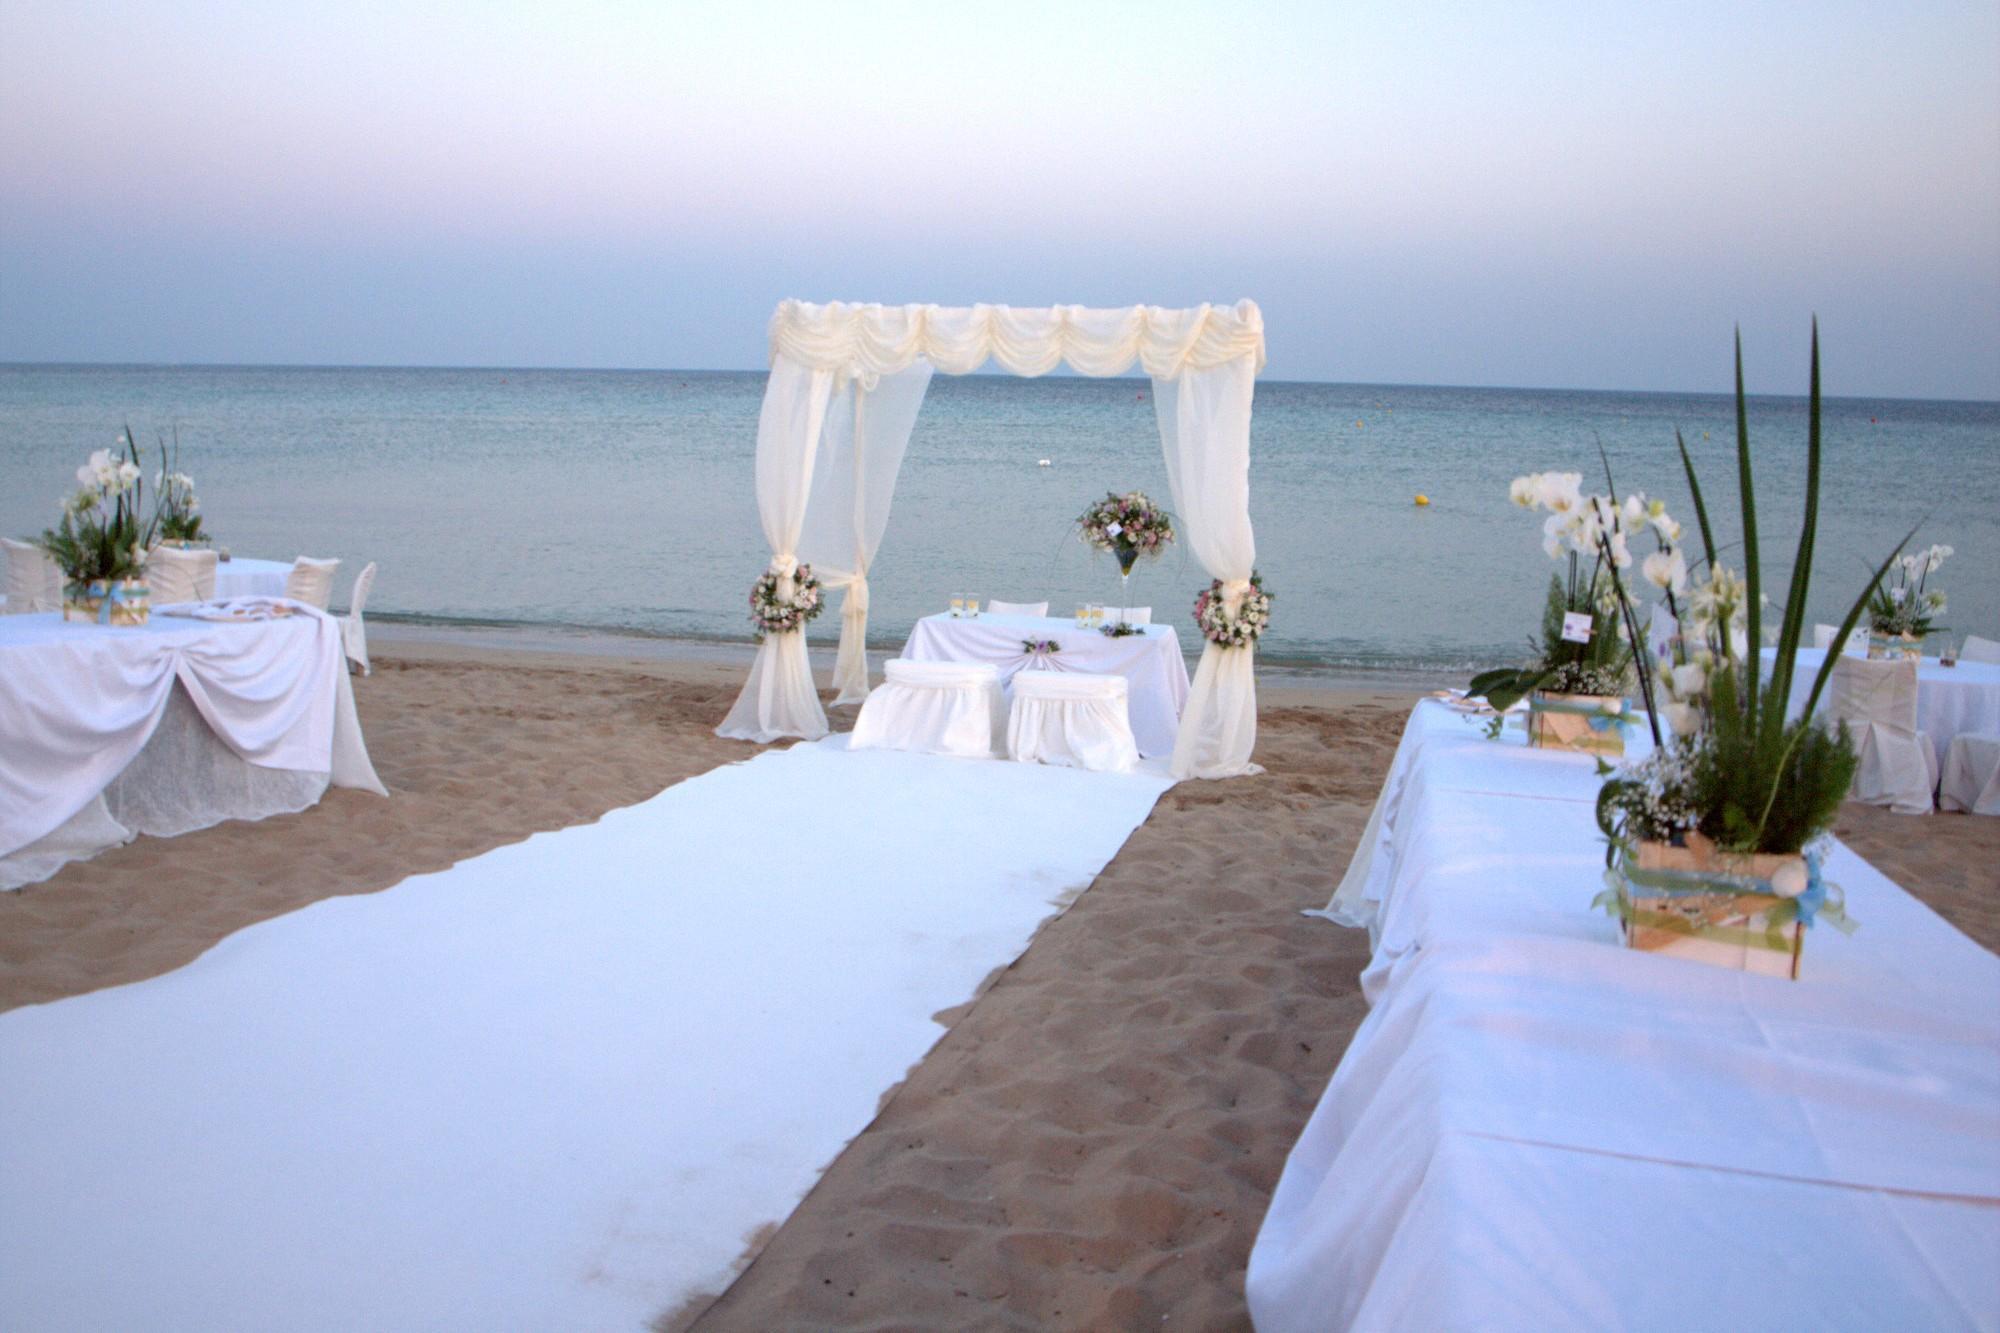 Matrimonio In Spiaggia Economico : Mondragone dà il via ai matrimoni in spiaggia clarus